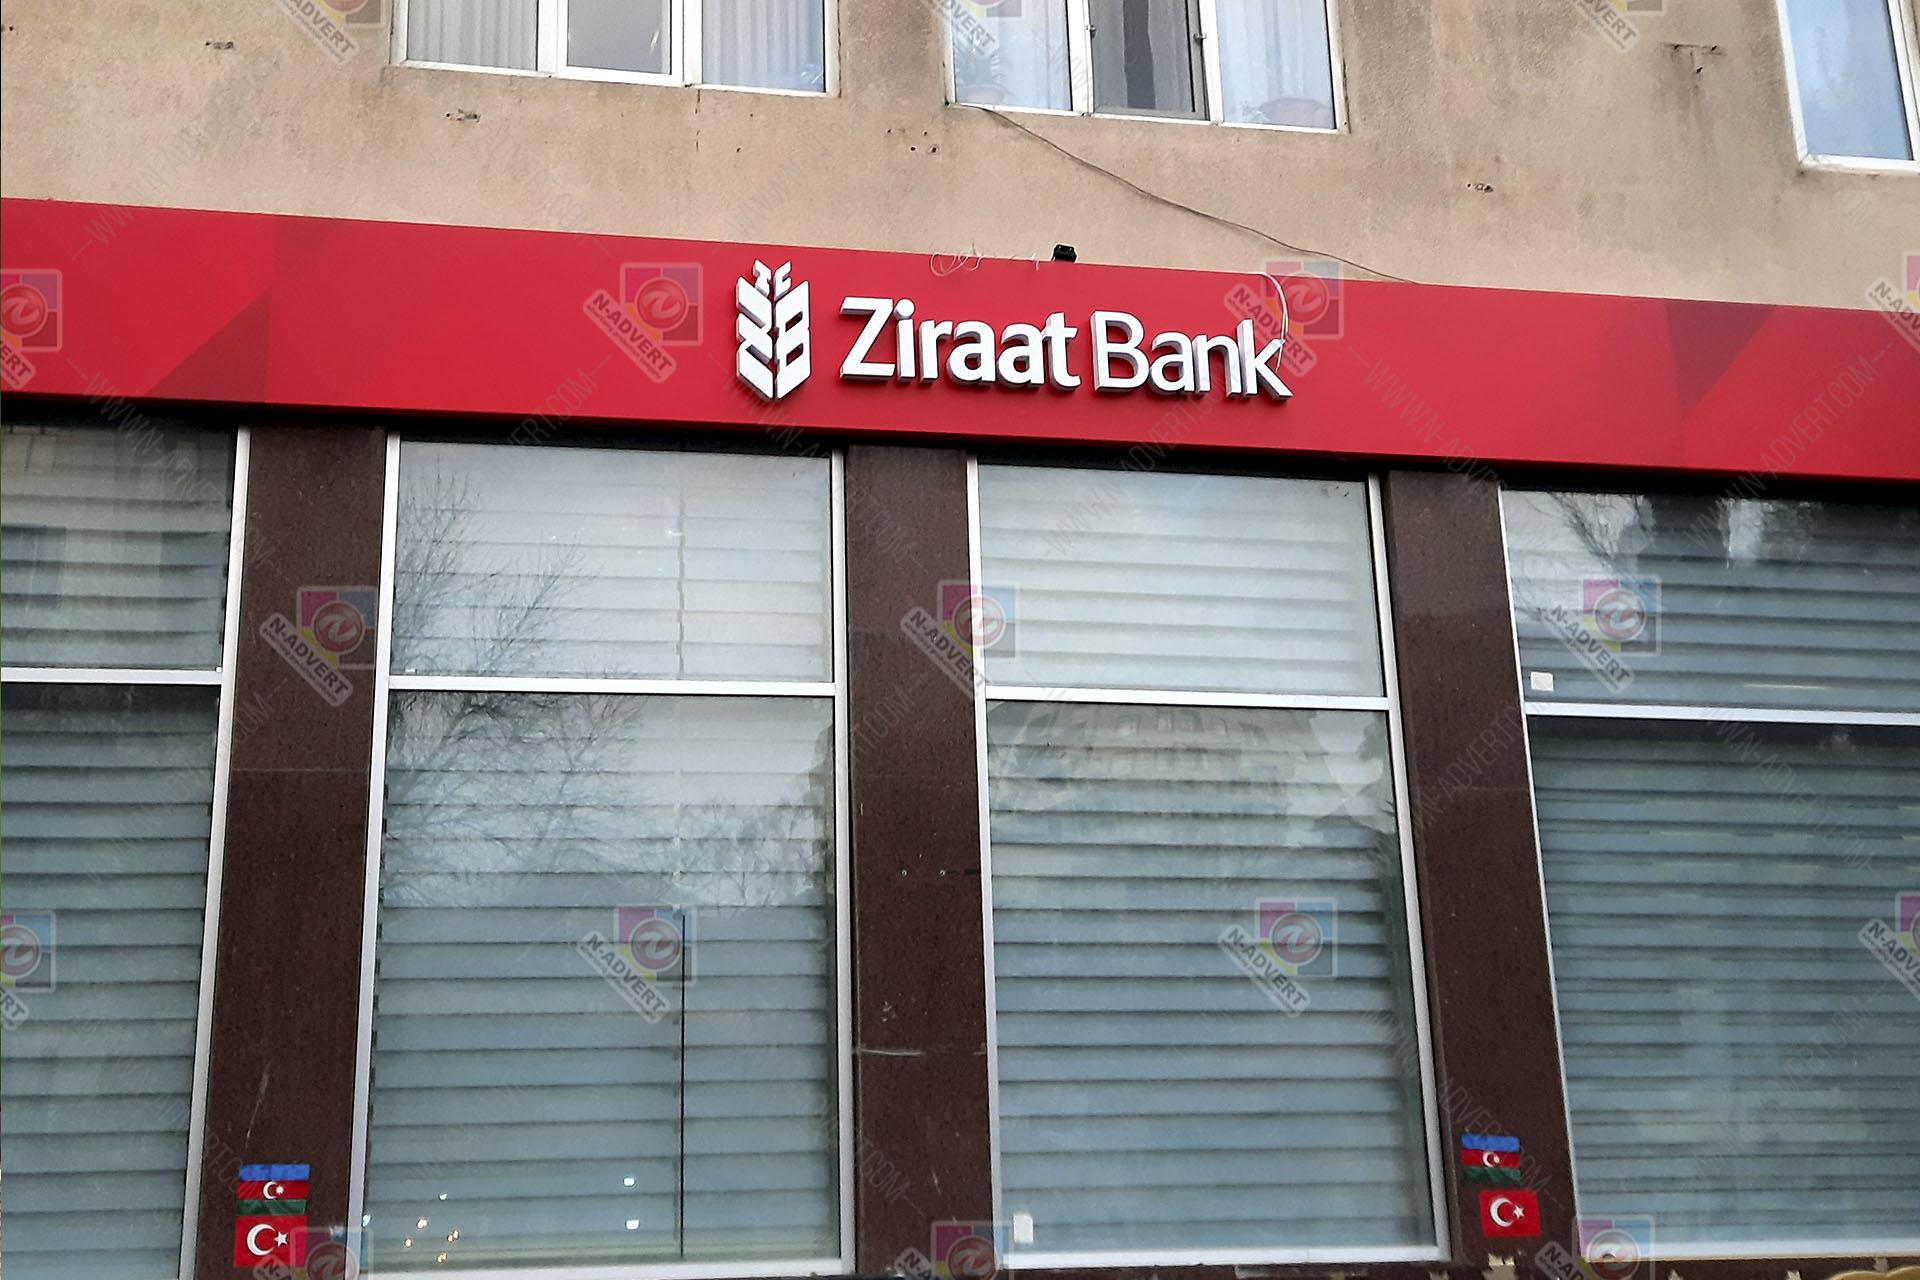 Ziraat bank 1920x1280